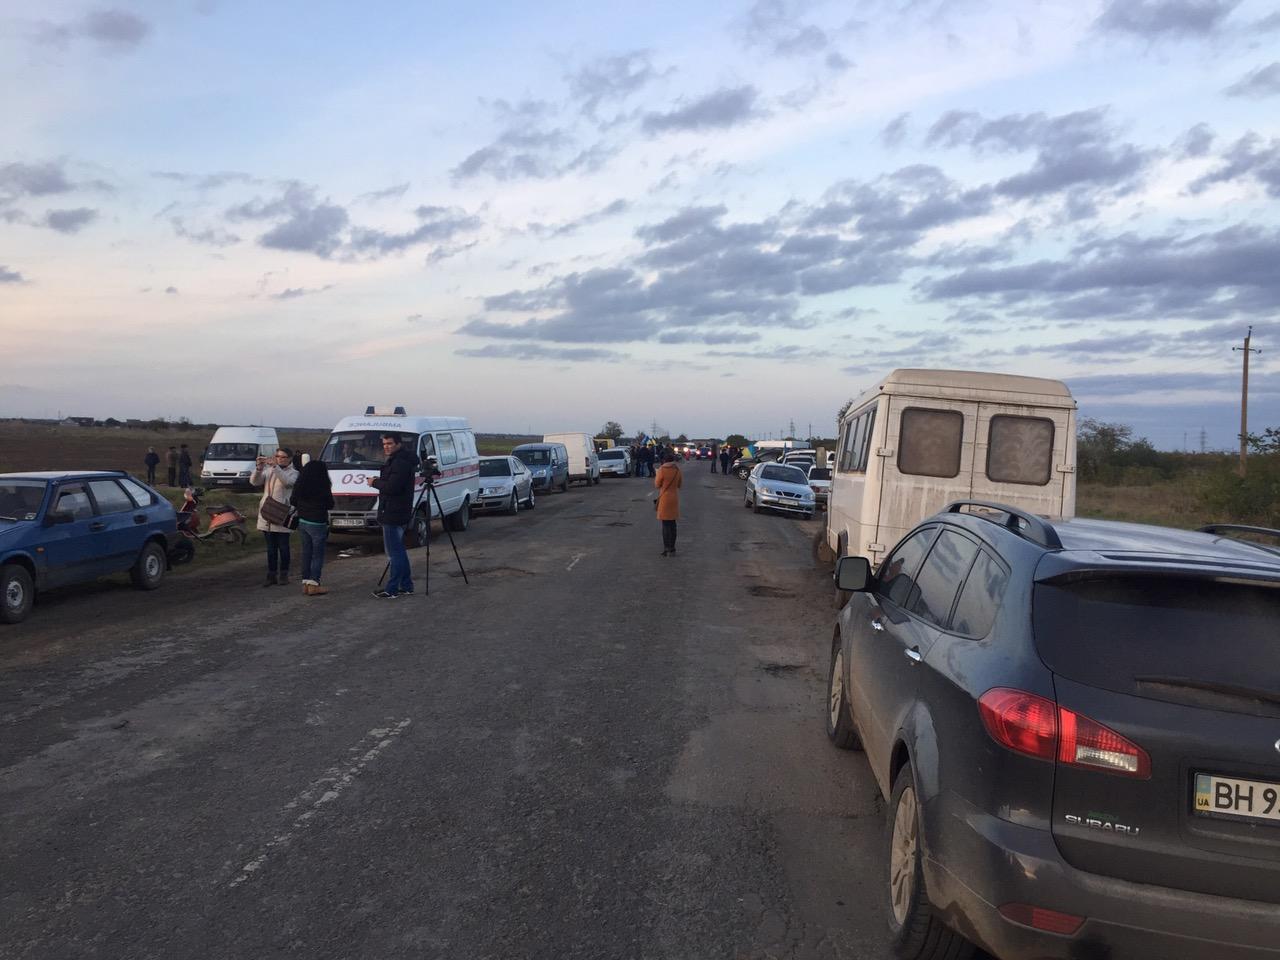 0-02-05-abbfb4bc894df8e3ef94a7a4c6d64281b81b159967a21b463bd7e70eaa4faaed_full Саакашвили пообещал в течении 48 часов разблокировать ремонт дороги Килия-Спасское